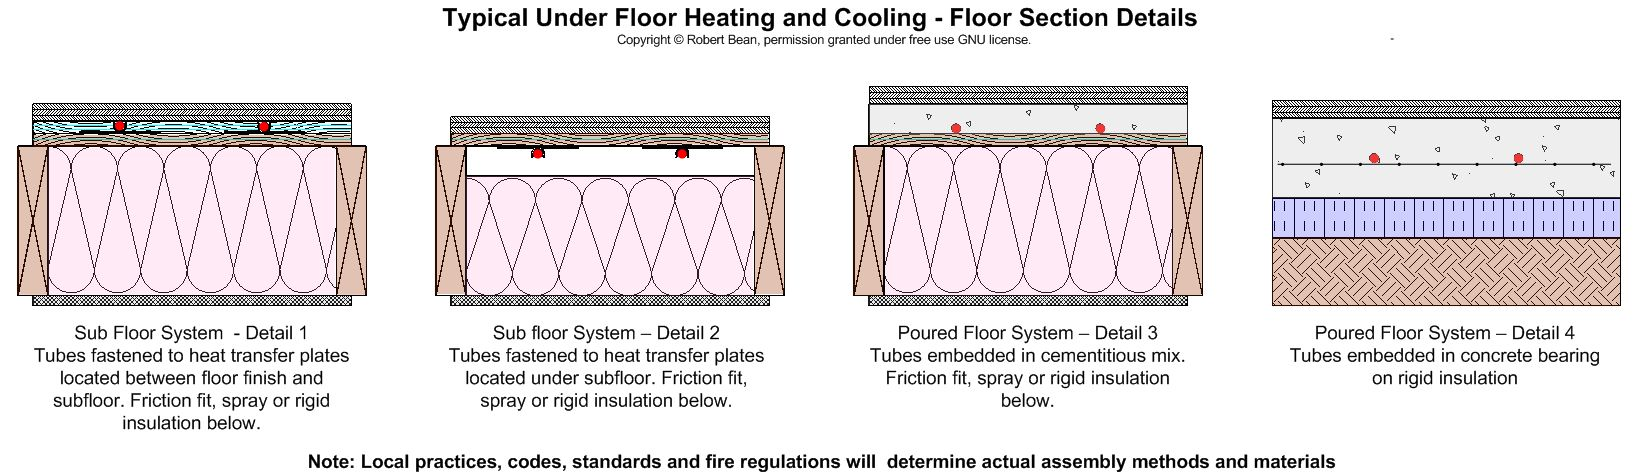 Floor heat concepts Floor heating concepts Pinterest - fit note